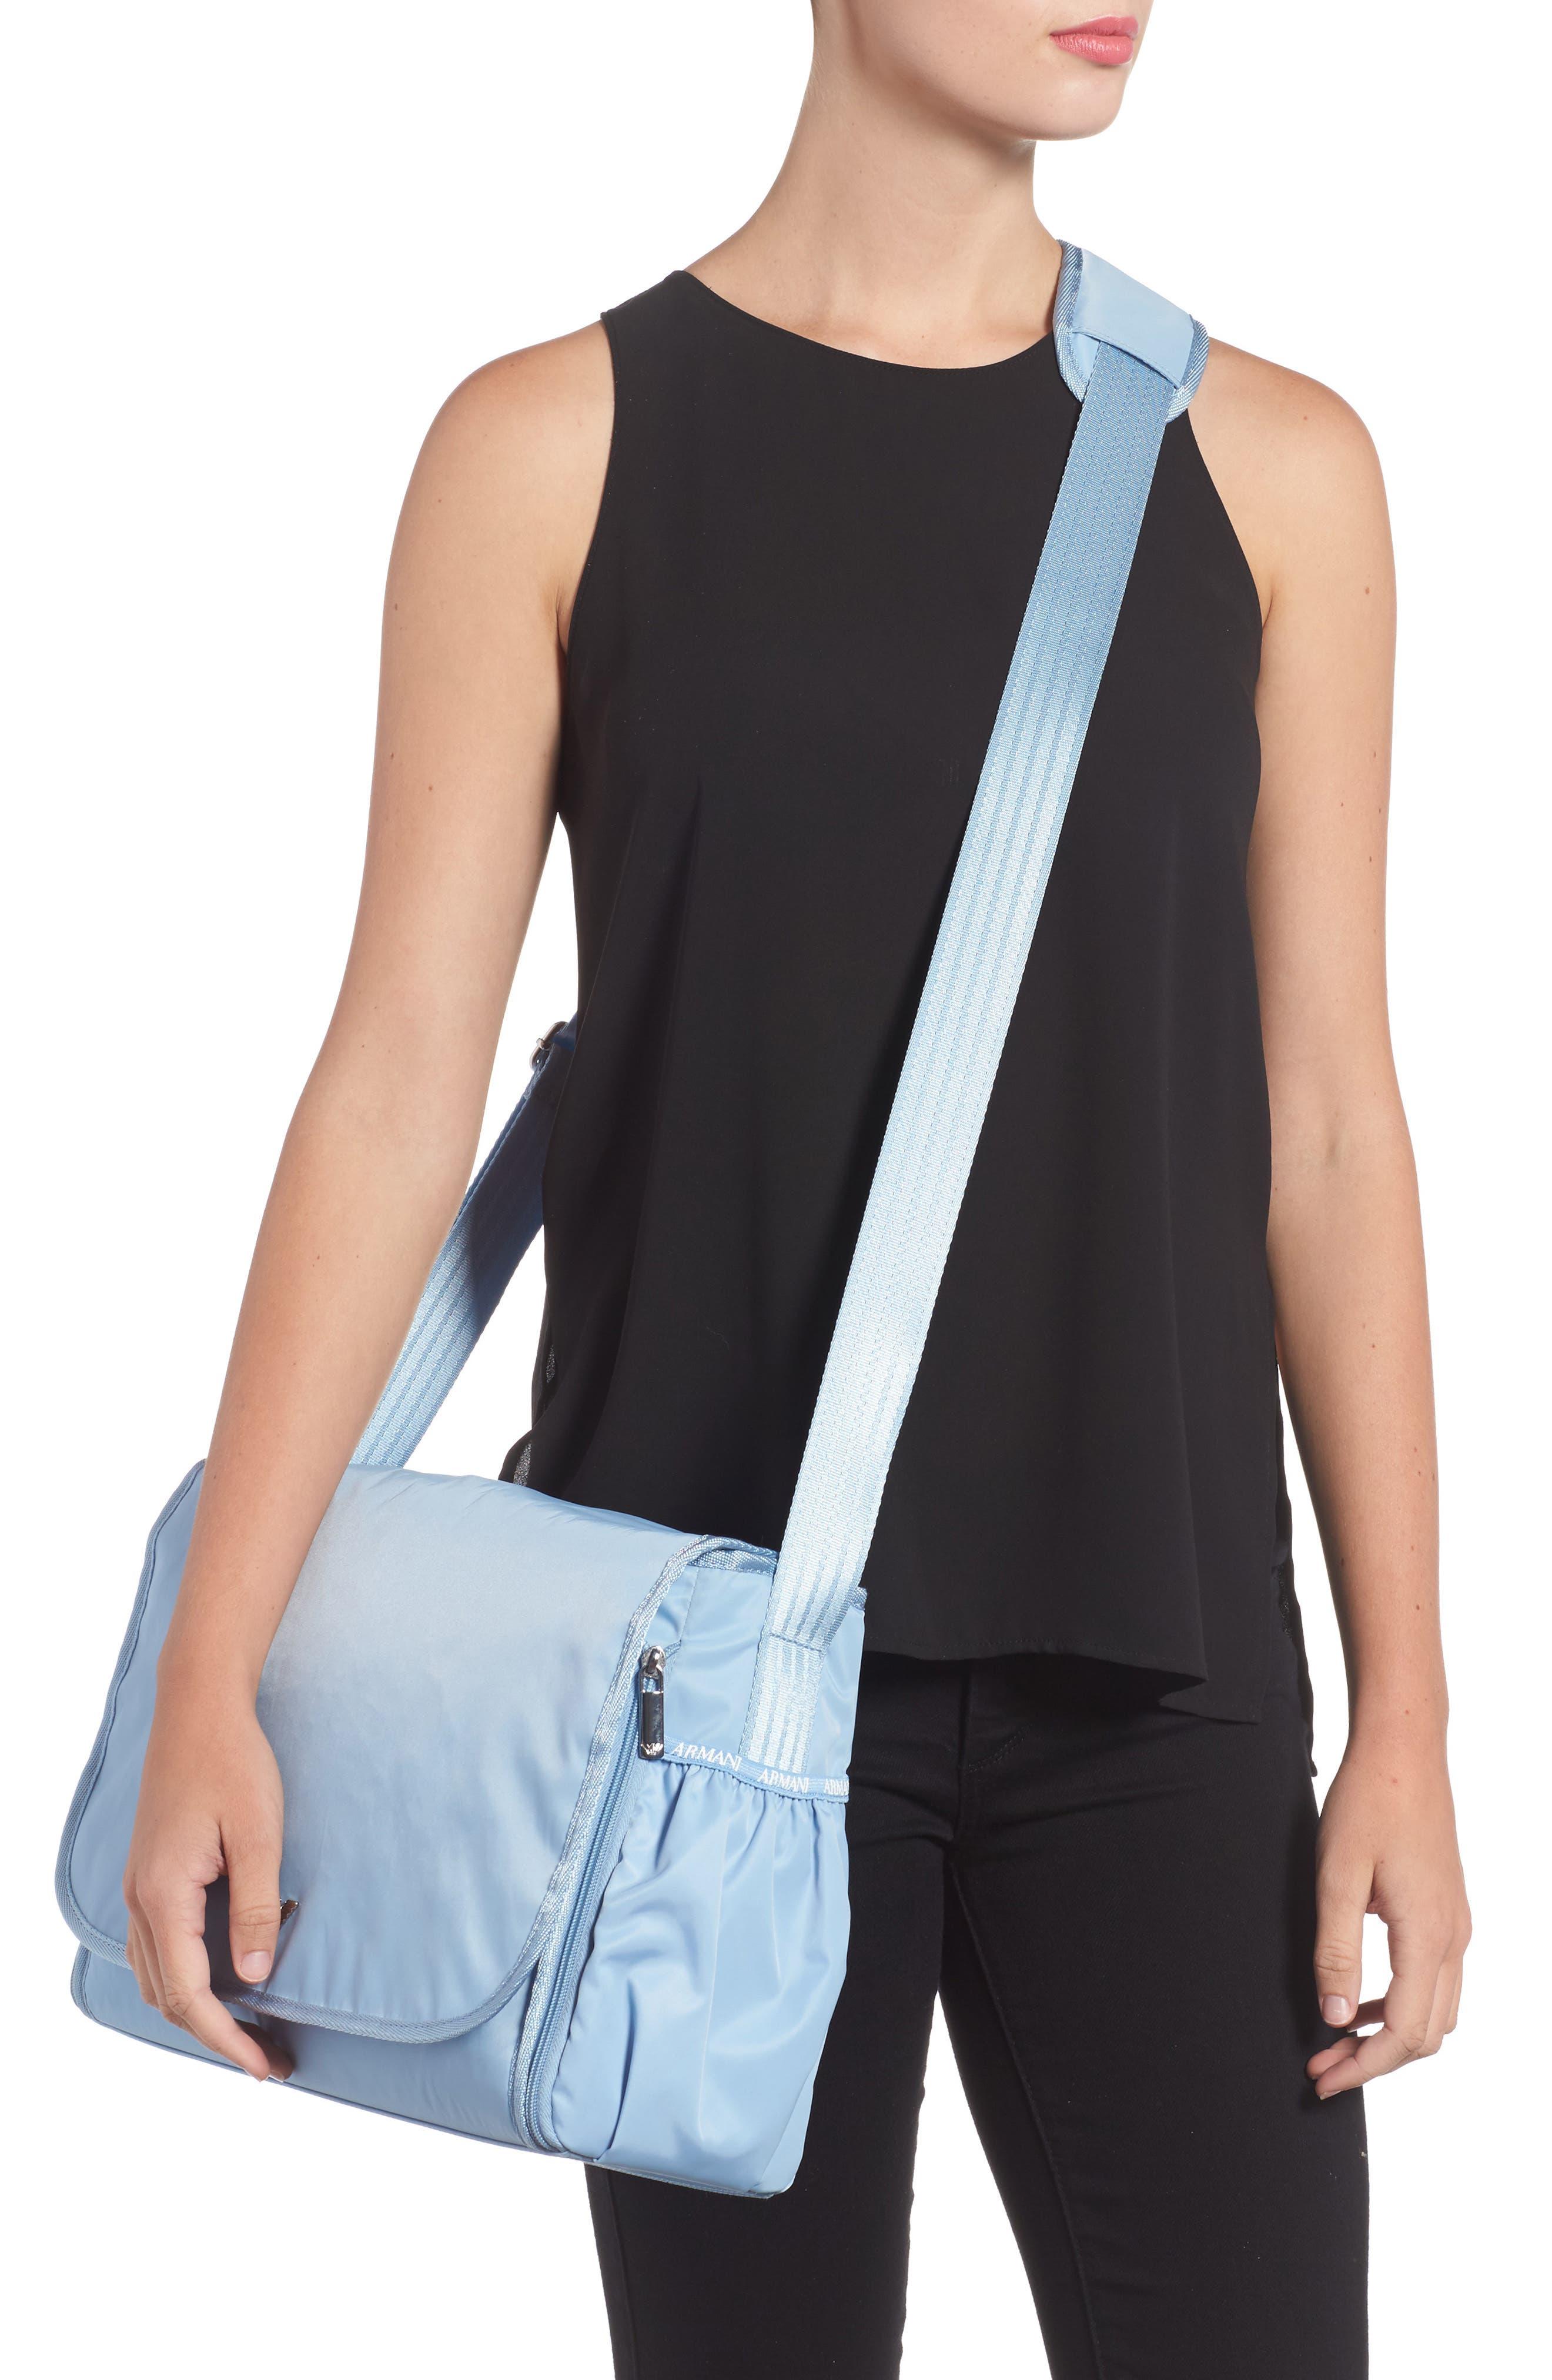 Nylon Messenger Diaper Bag,                             Alternate thumbnail 2, color,                             Light Blue